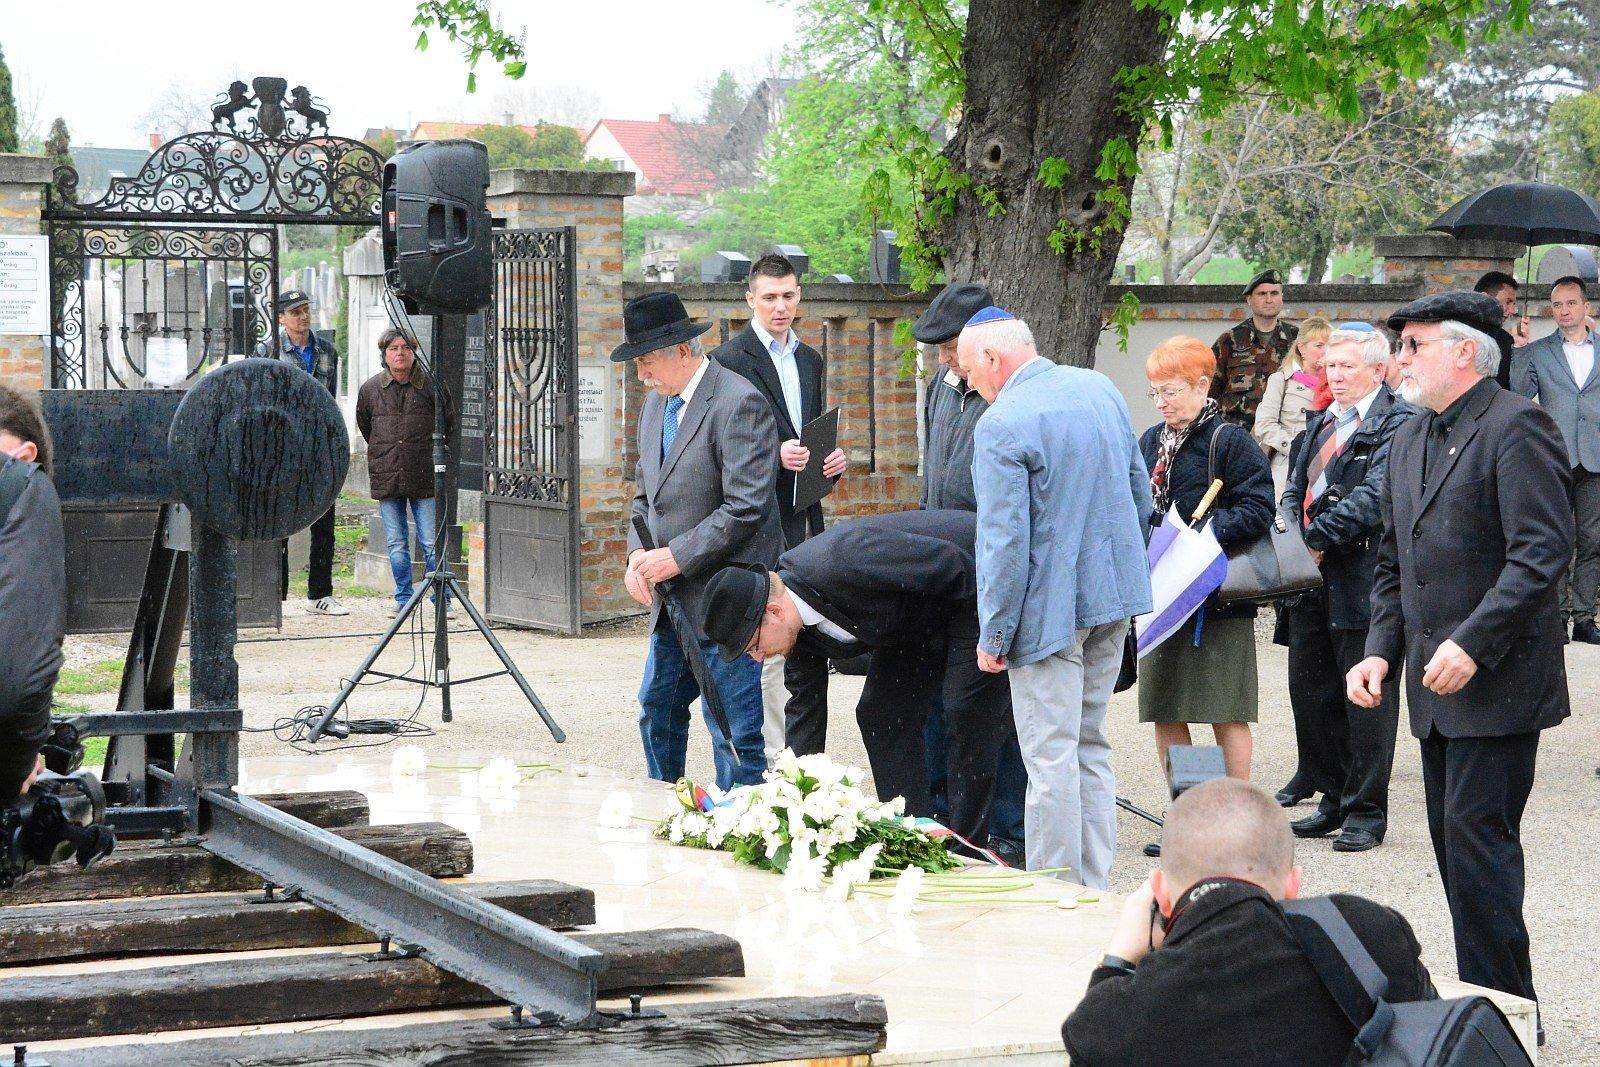 A Holokauszt áldozatainak Fehérvári emlékművénél emlékeztek hétfőn délelőtt a gyalázatra